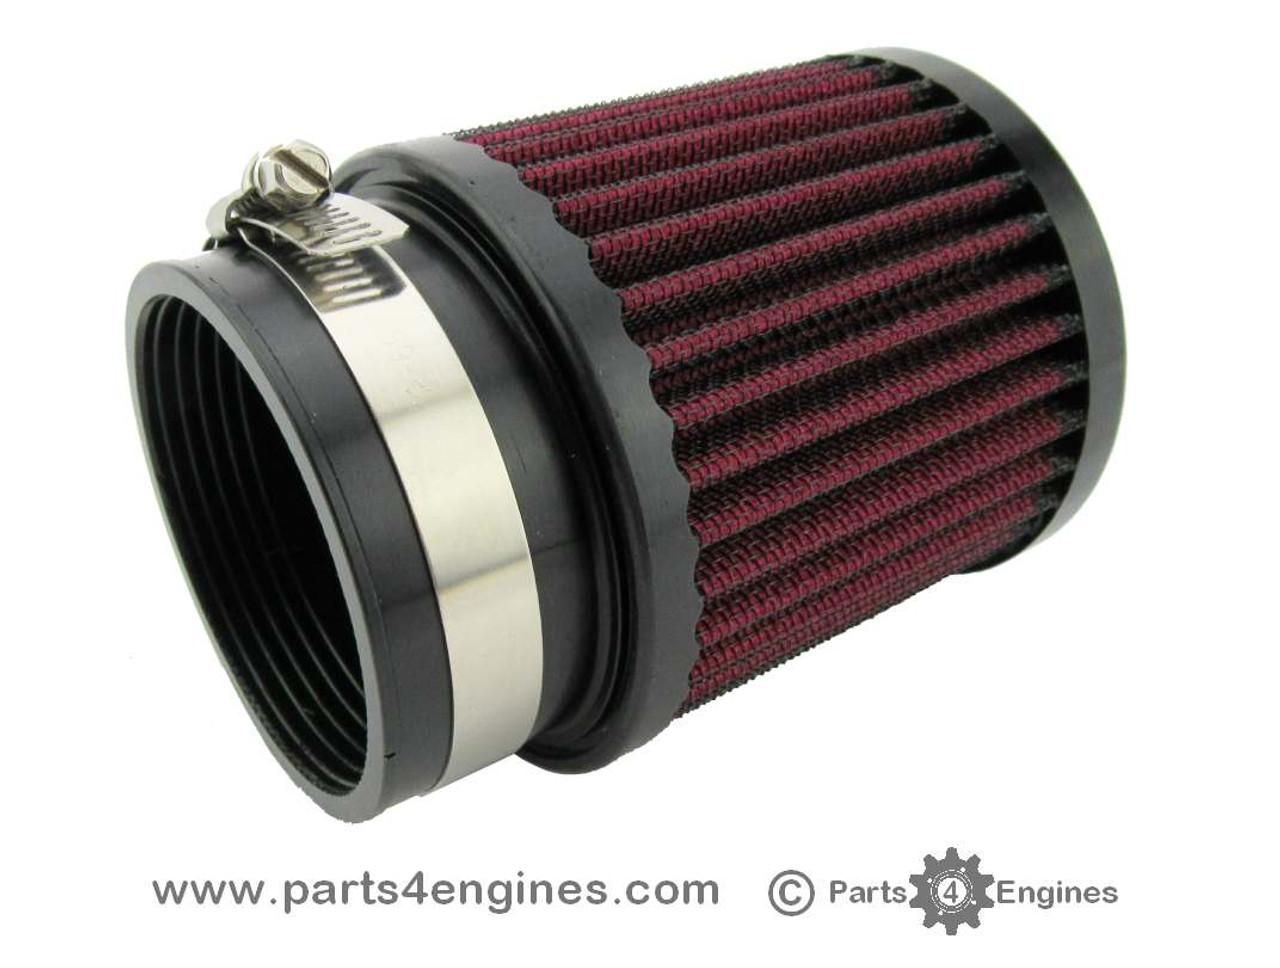 Volvo Penta D2-60F Air filter - parts4engines.com